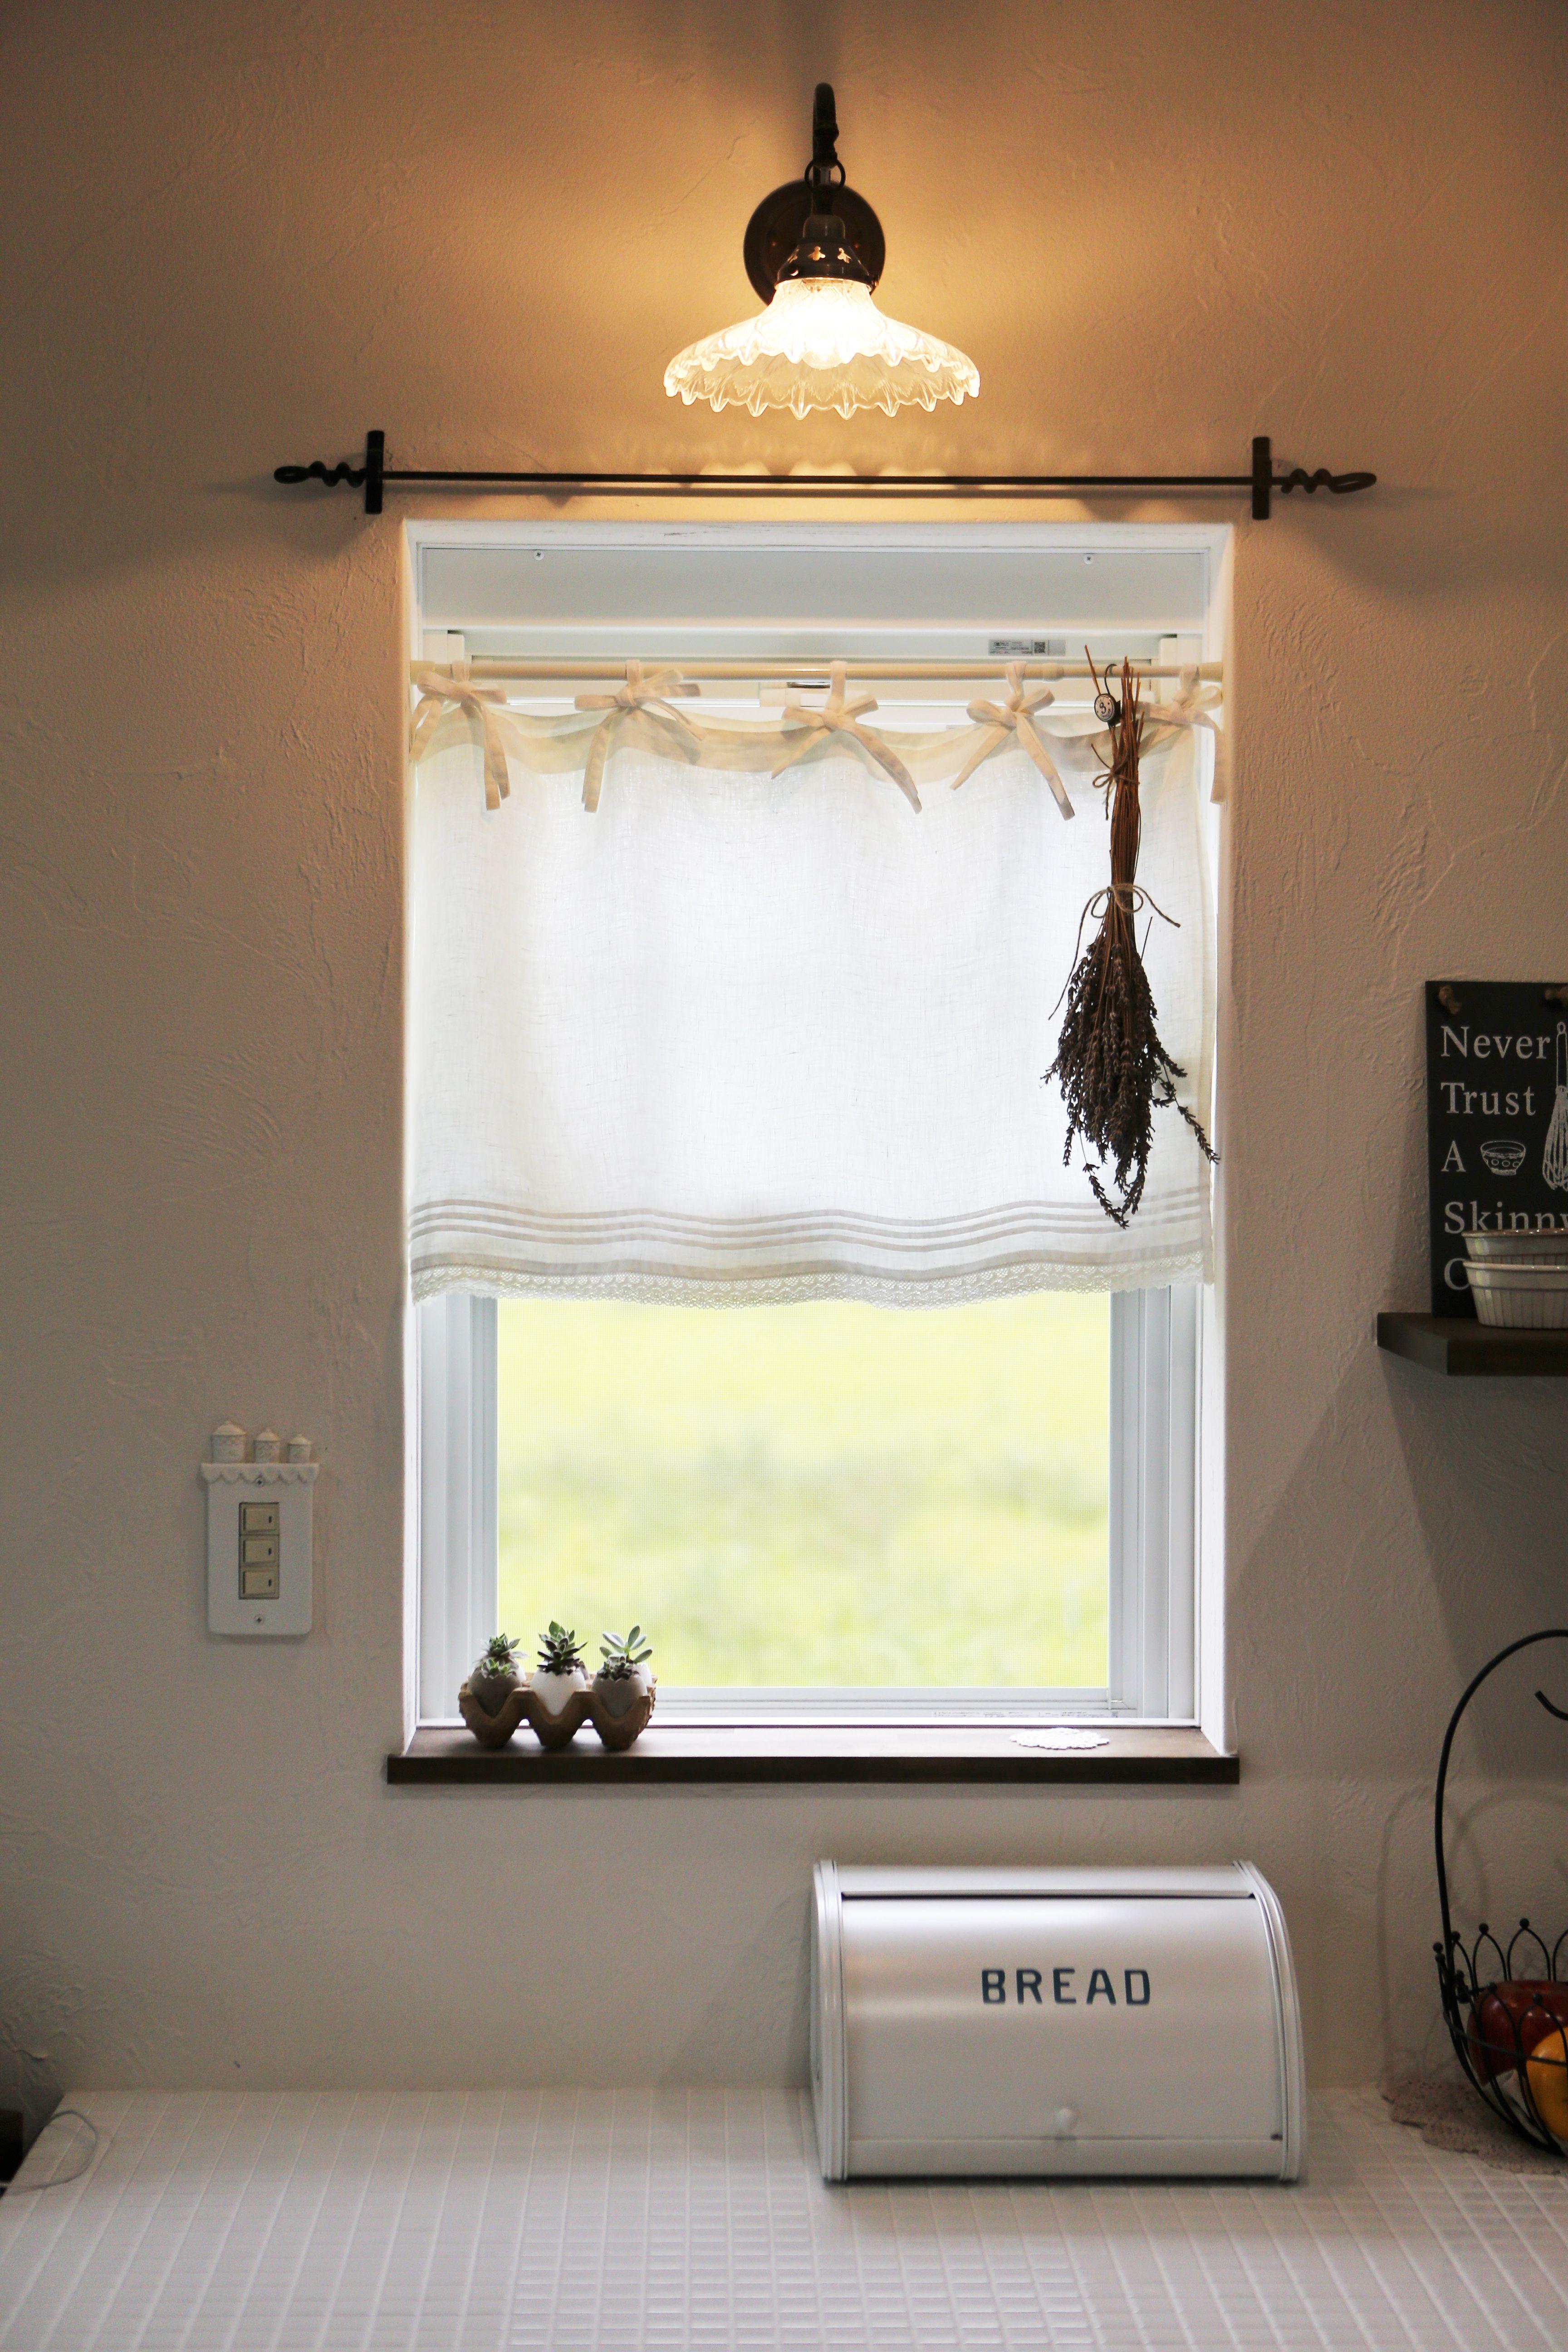 キッチンの窓にはカフェカーテンが似合います 窓台には小さな多肉植物をディスプレイ アイアンバー 照明 モザイクタイル ゼスト倉敷 インテリア 室内 窓 インテリア ディスプレイ